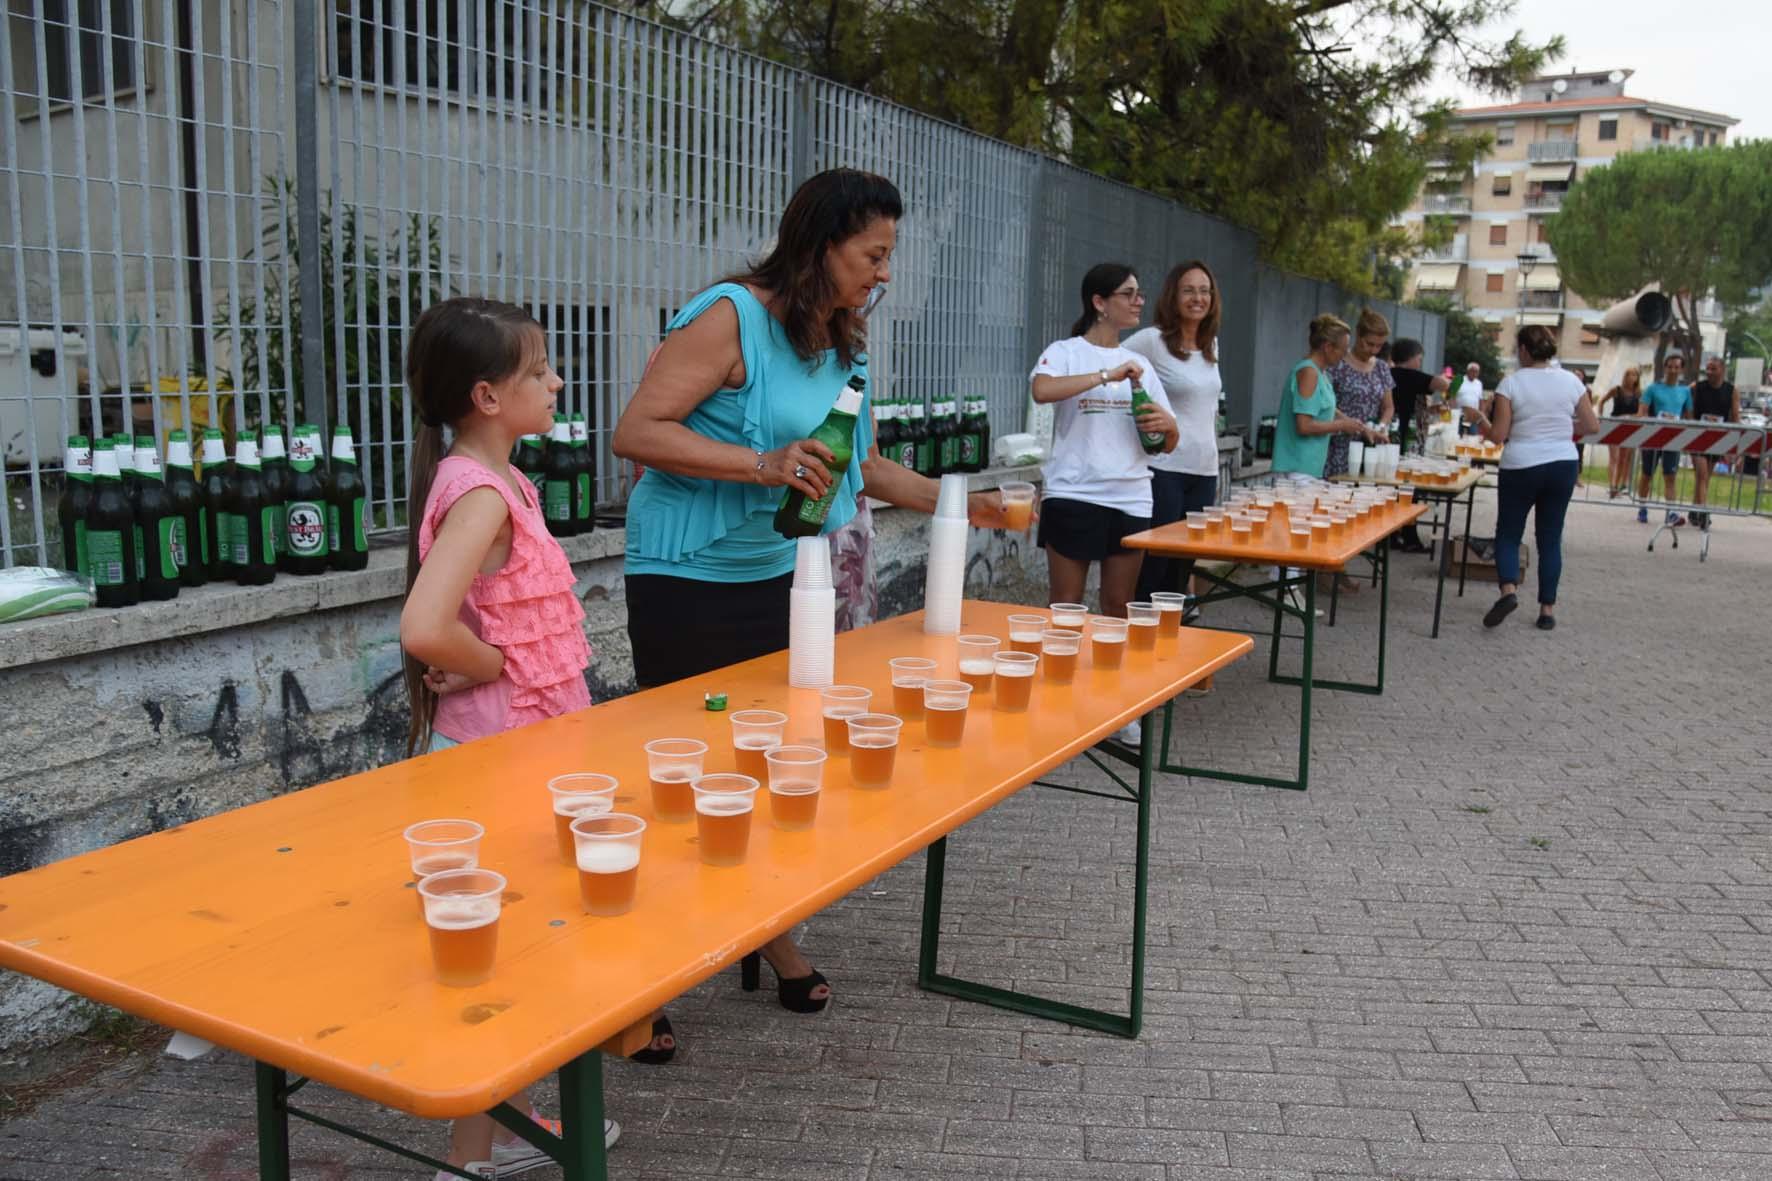 maraton con birra 11